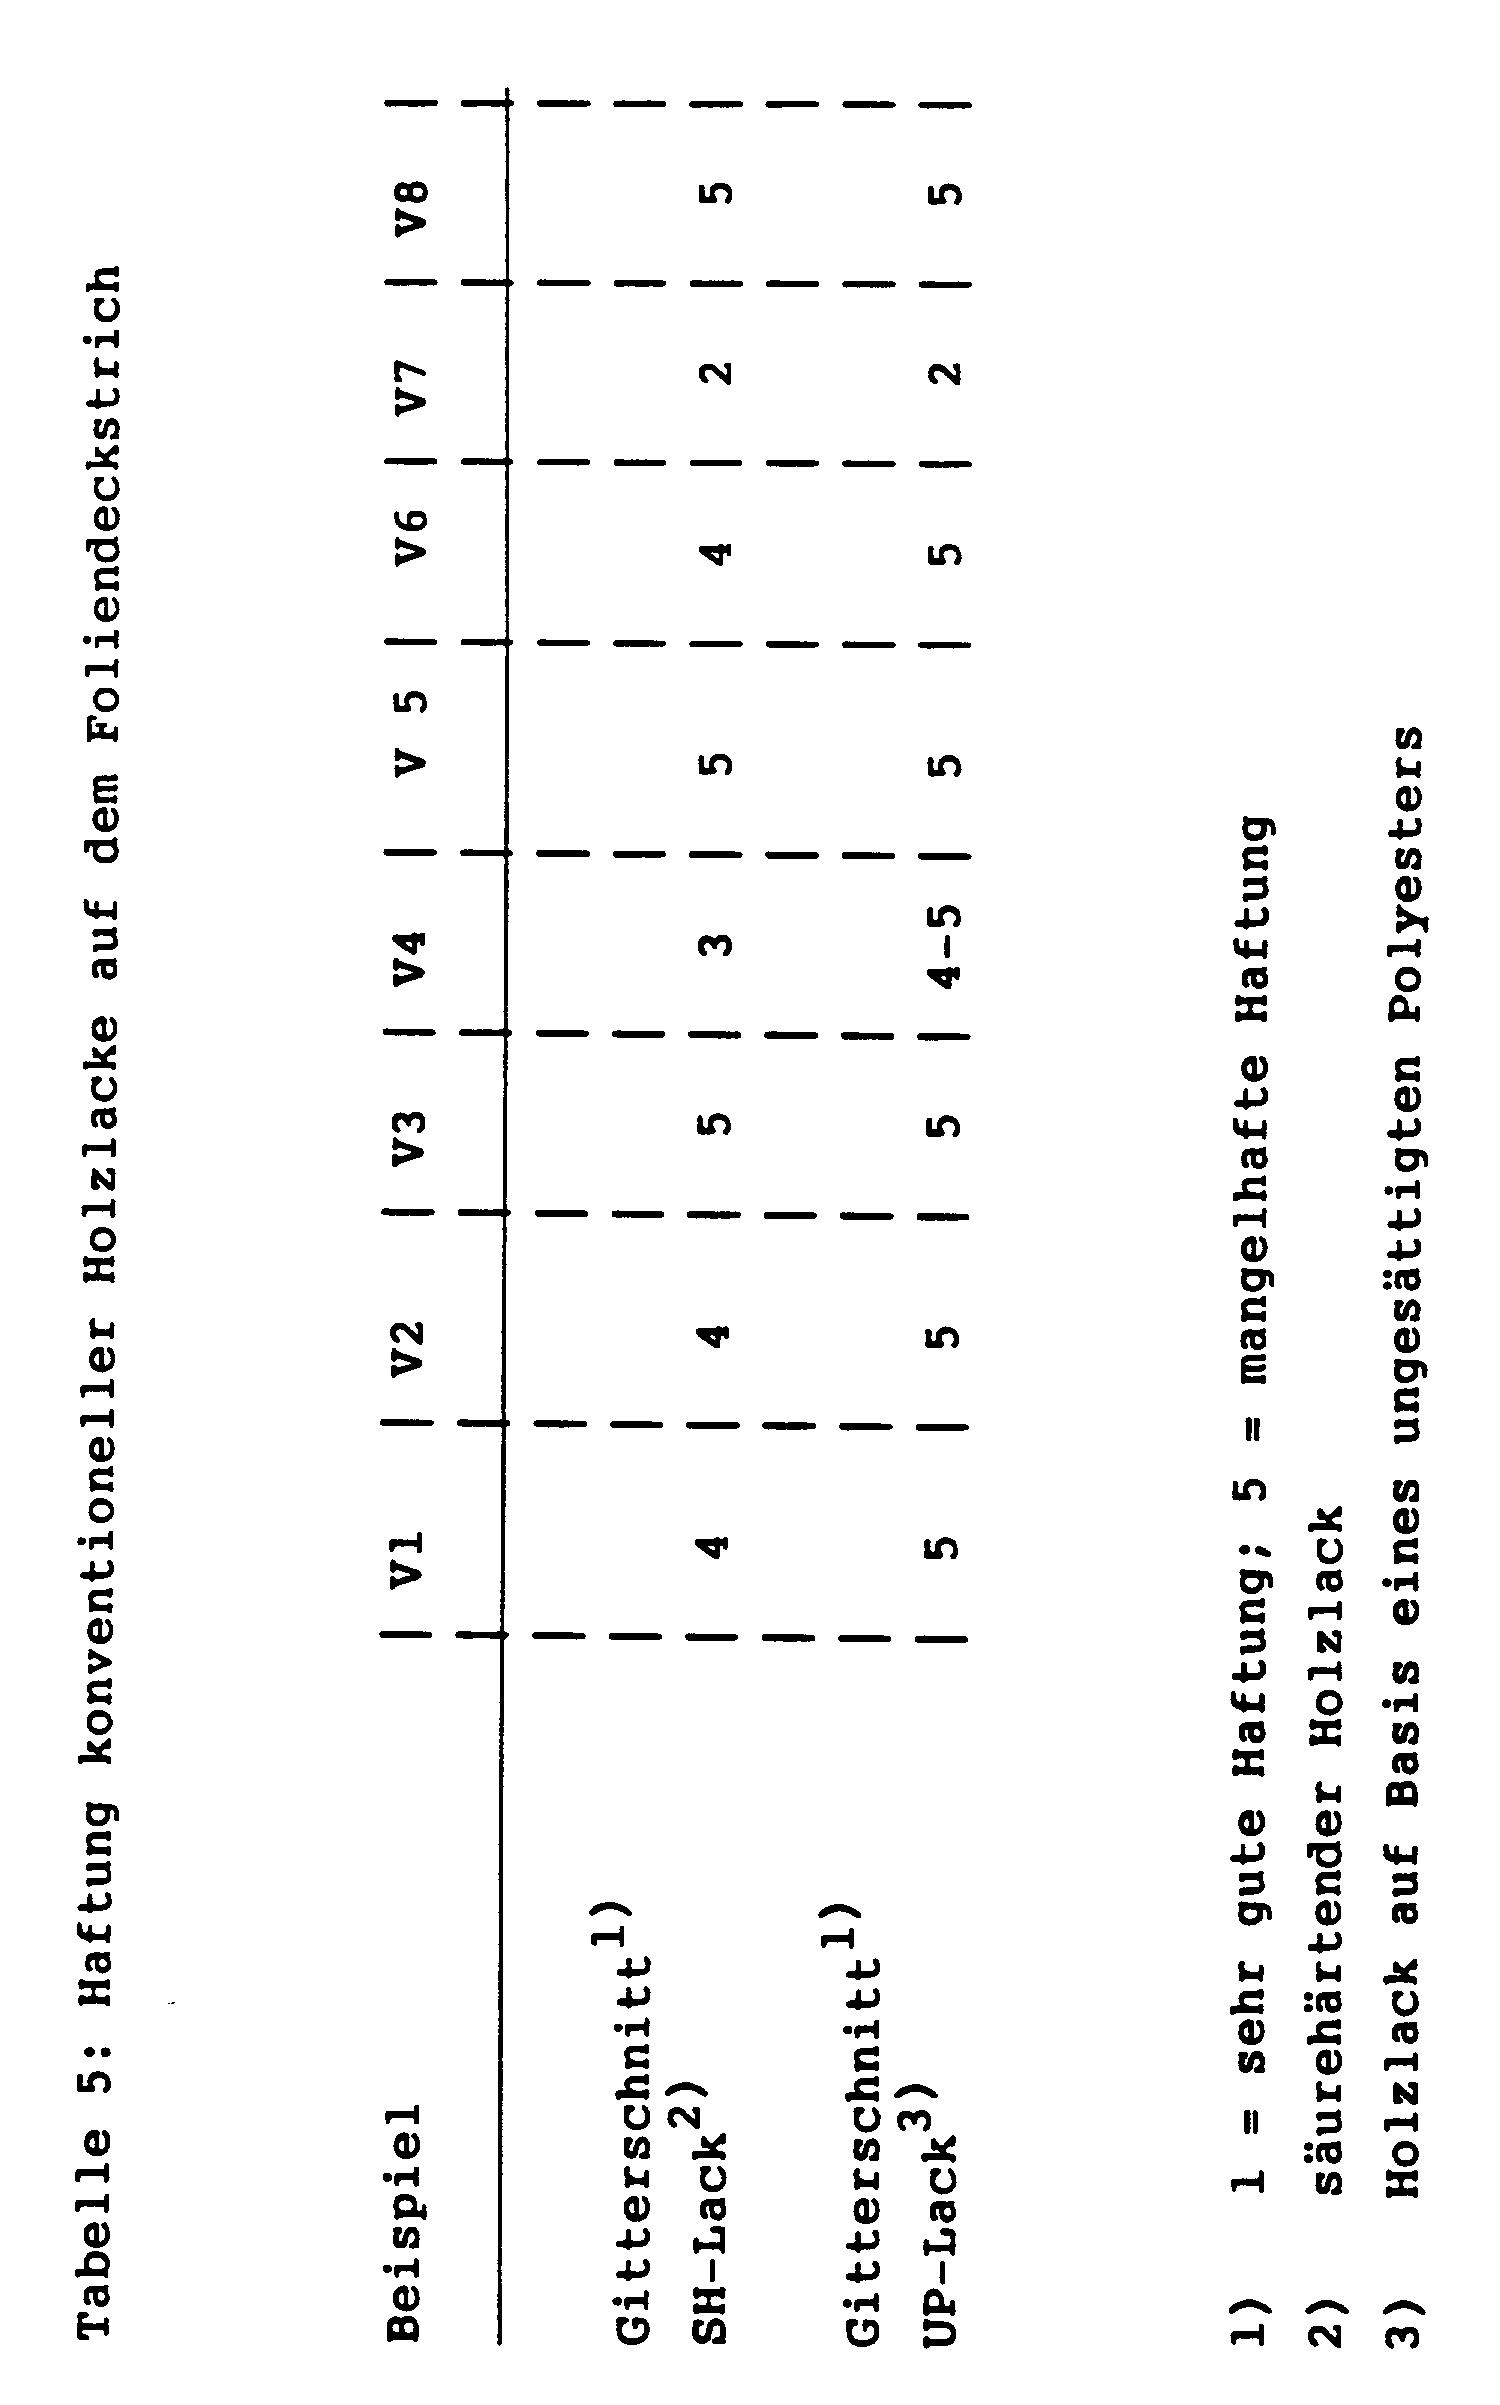 ep0511976b1 w ssrige beschichtungszusammensetzung insbesondere zur beschichtung von finish. Black Bedroom Furniture Sets. Home Design Ideas